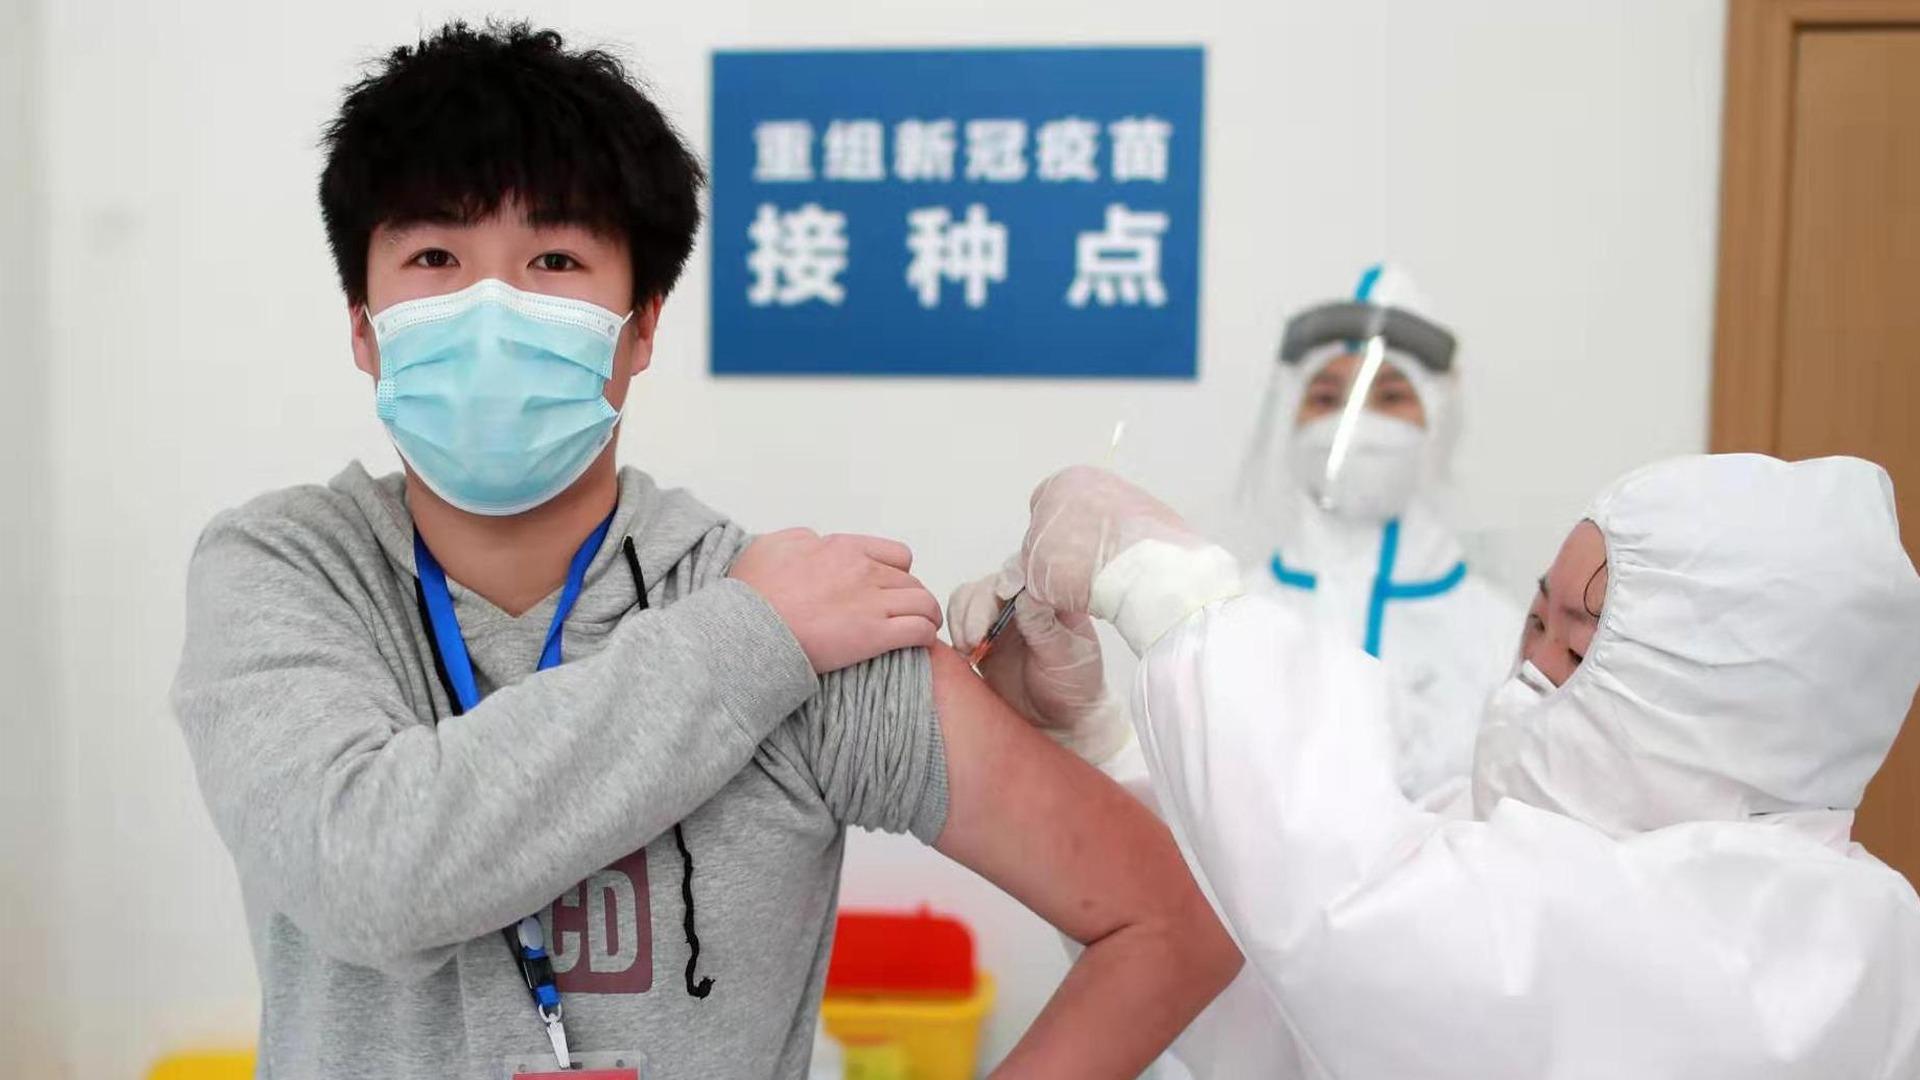 接种新冠疫苗后是否终身免疫?